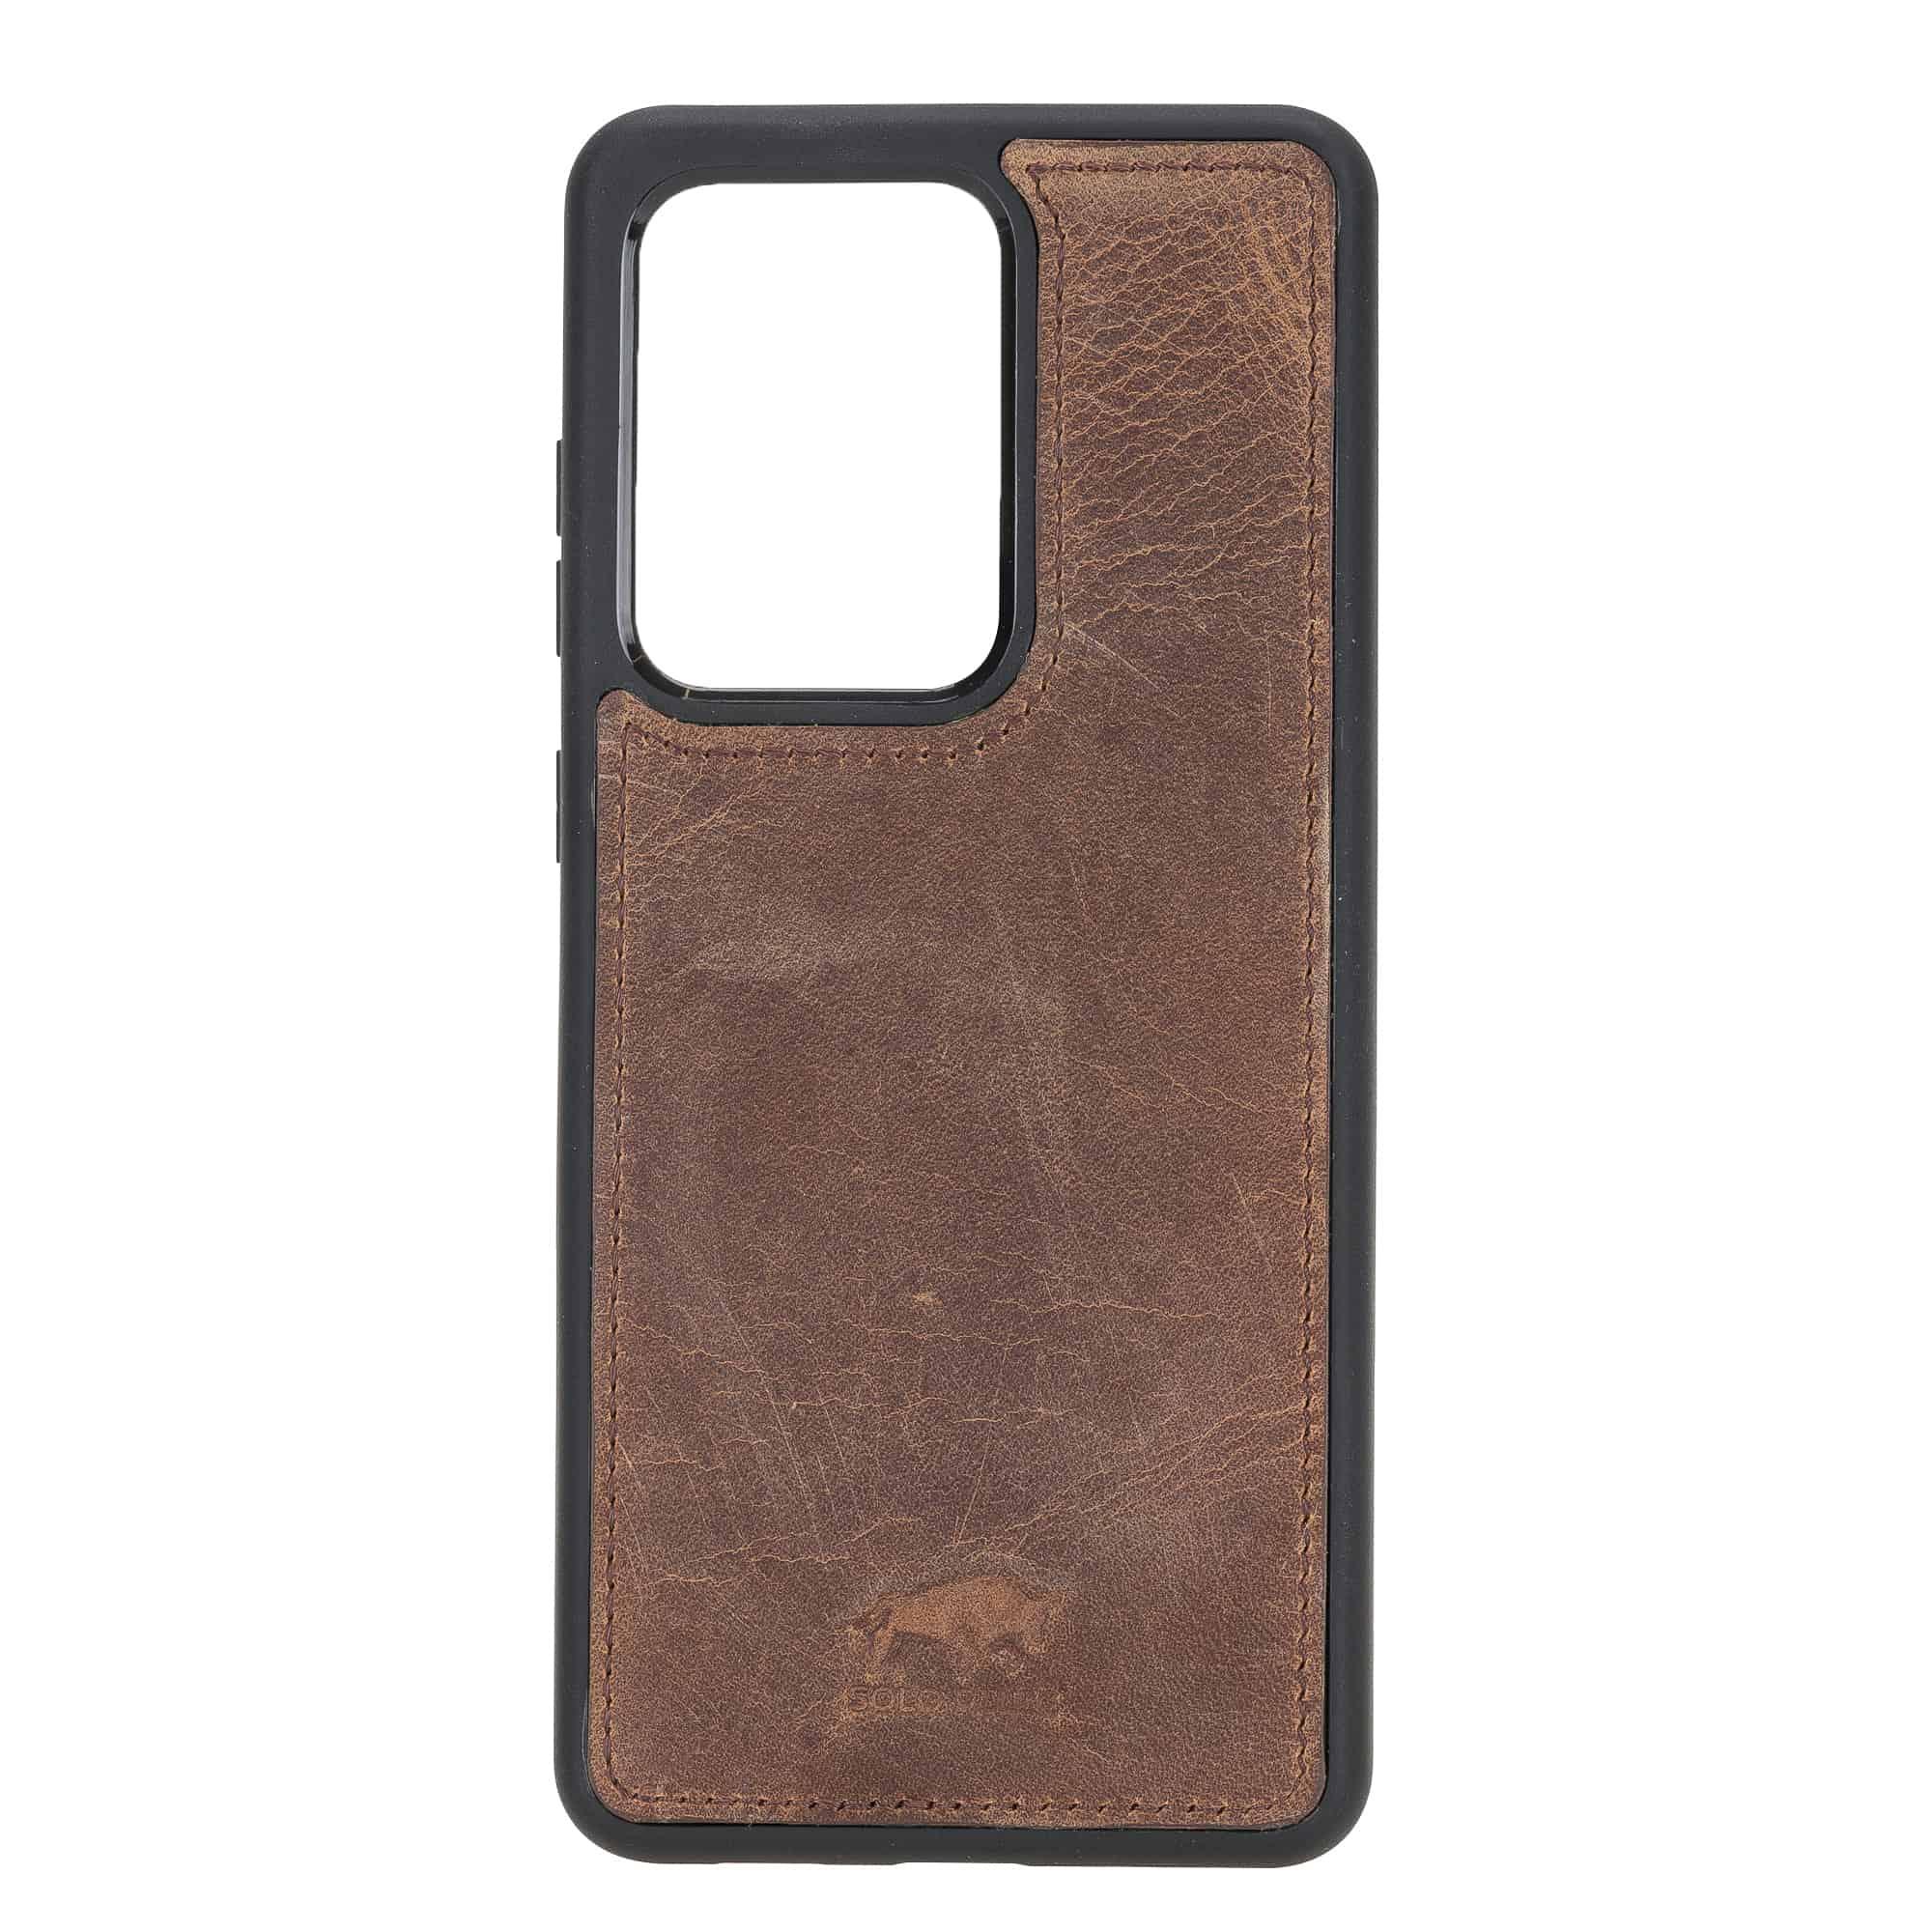 Solo Pelle Lederhülle für das Samsung Galaxy Note 20 Ultra Hülle aus echtem Leder, Model: Stanford (Vintage Braun)